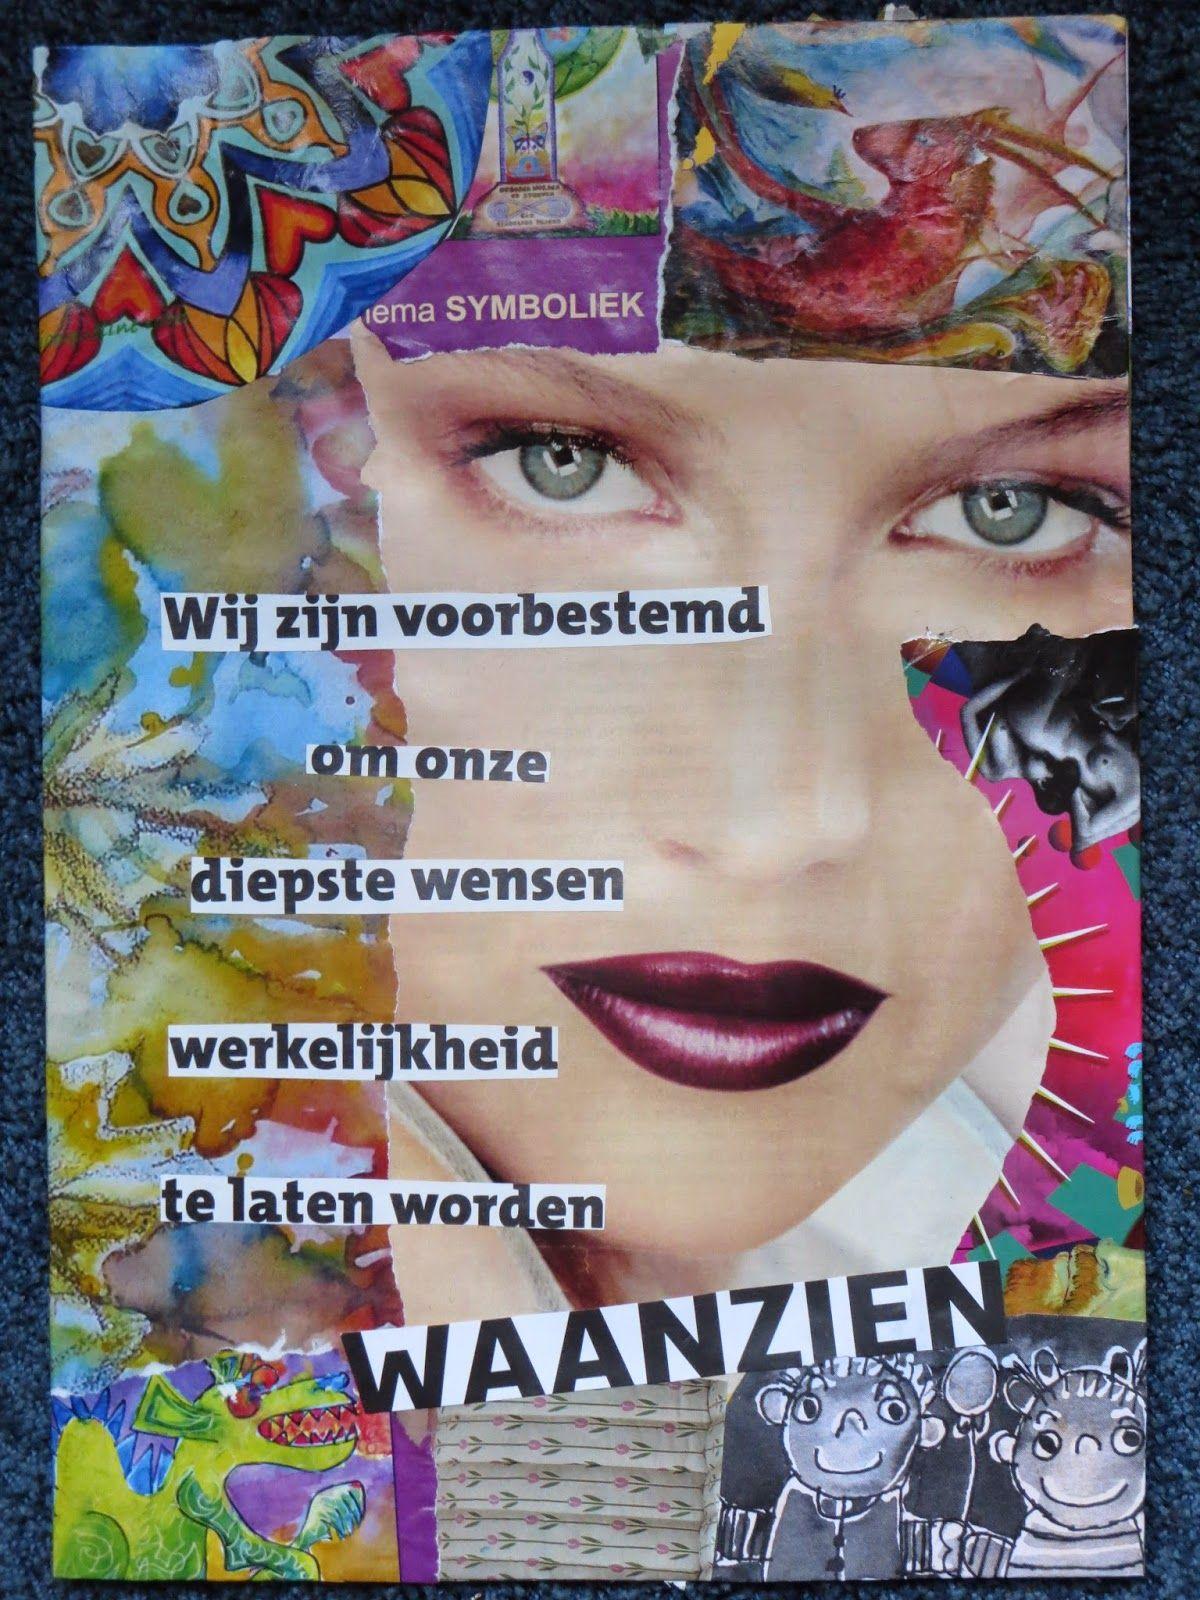 aqua vitae... laat het levenswater stromen: 18okt14 Beeld van vandaag: Collages...  ... met ee...